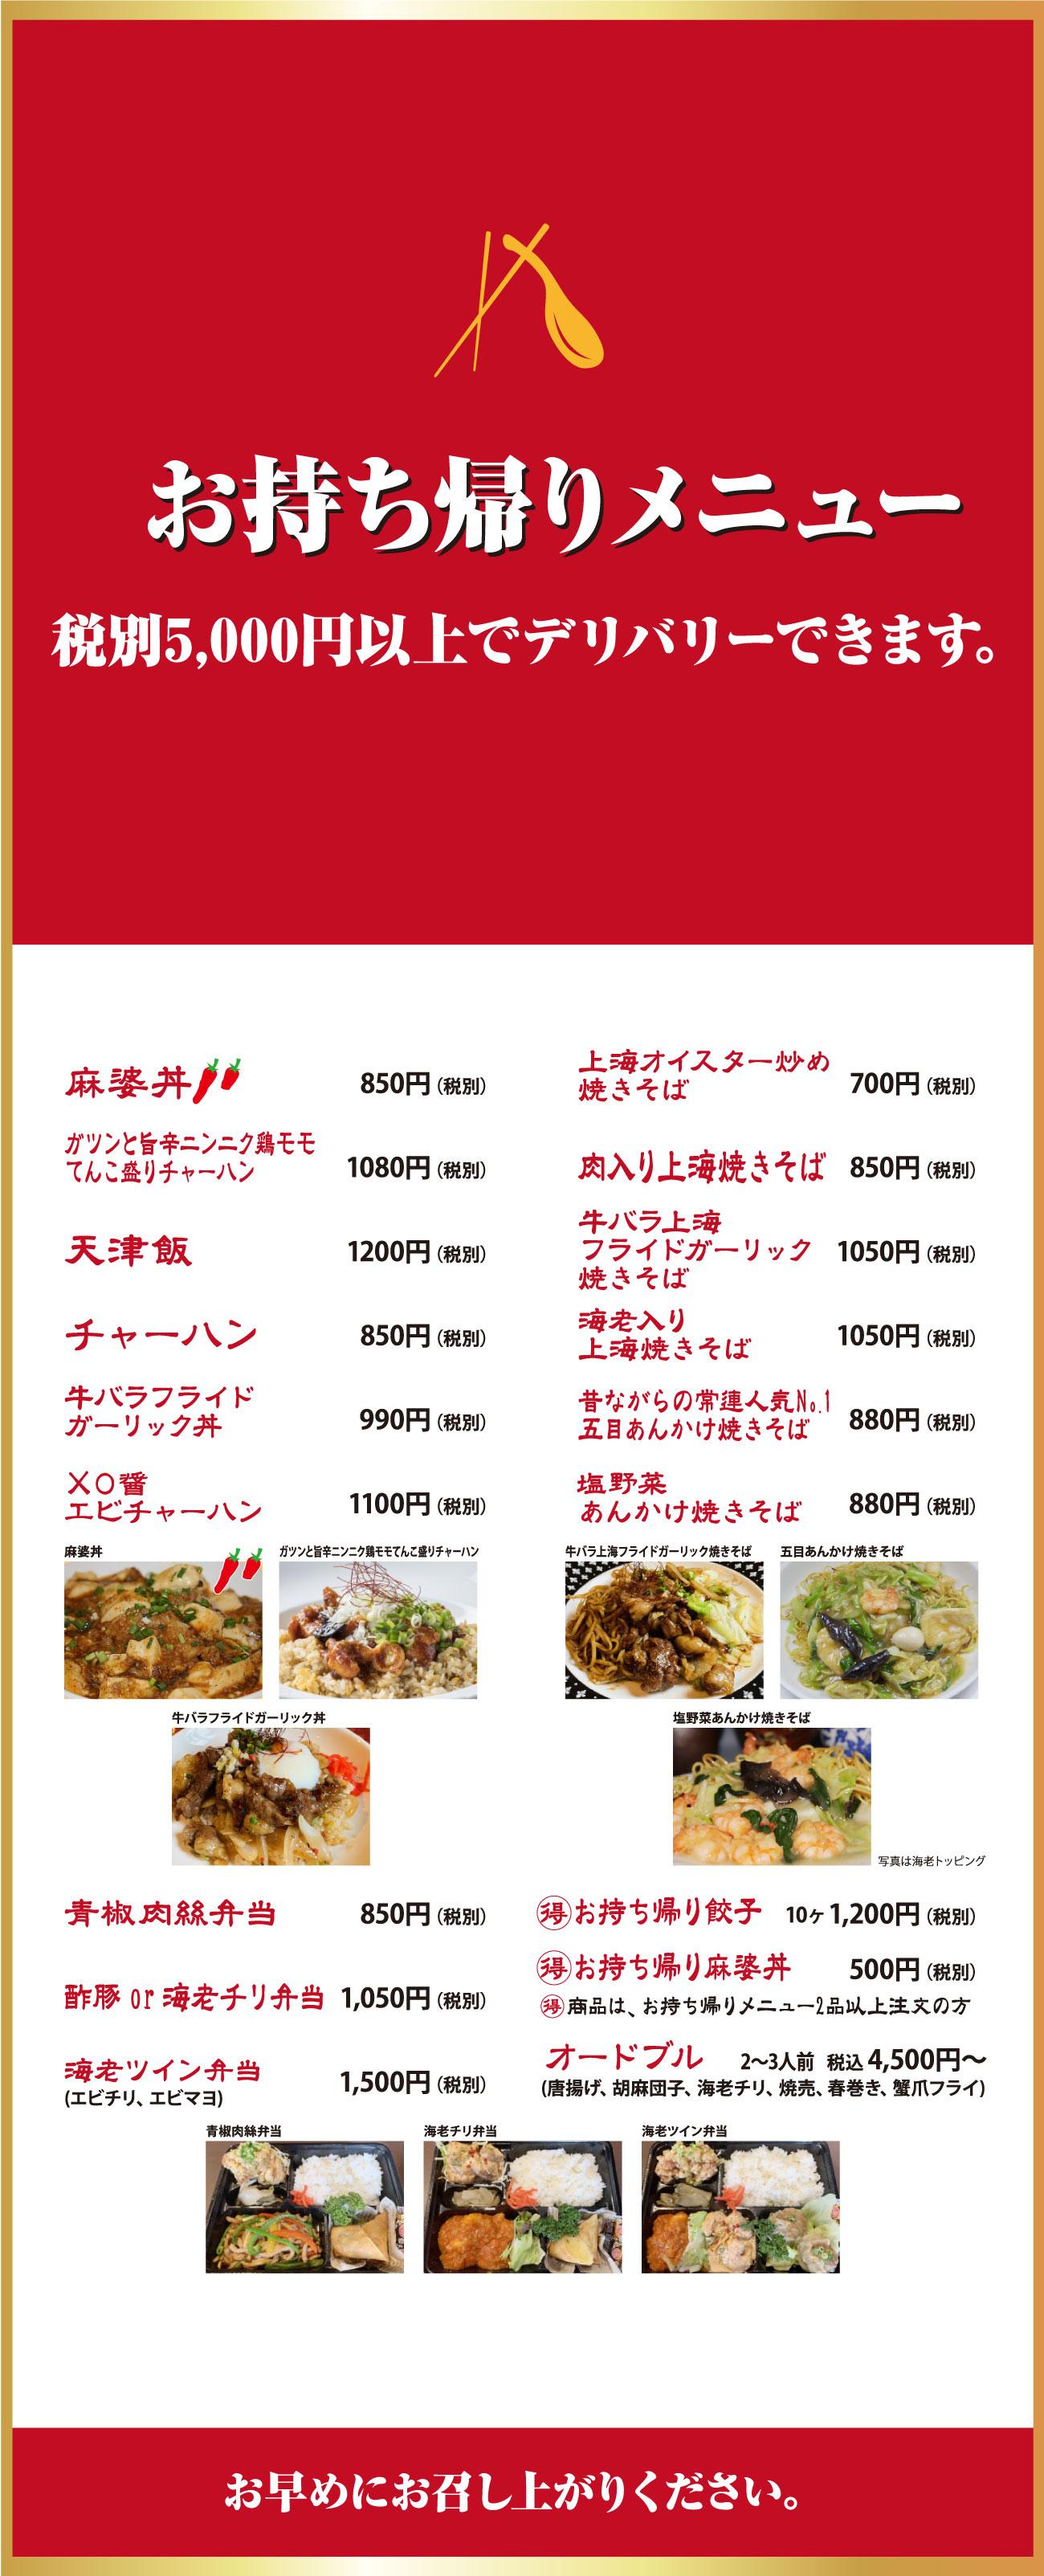 松本市九龍のテイクアウト・お持ち帰り、メニュー・お弁当